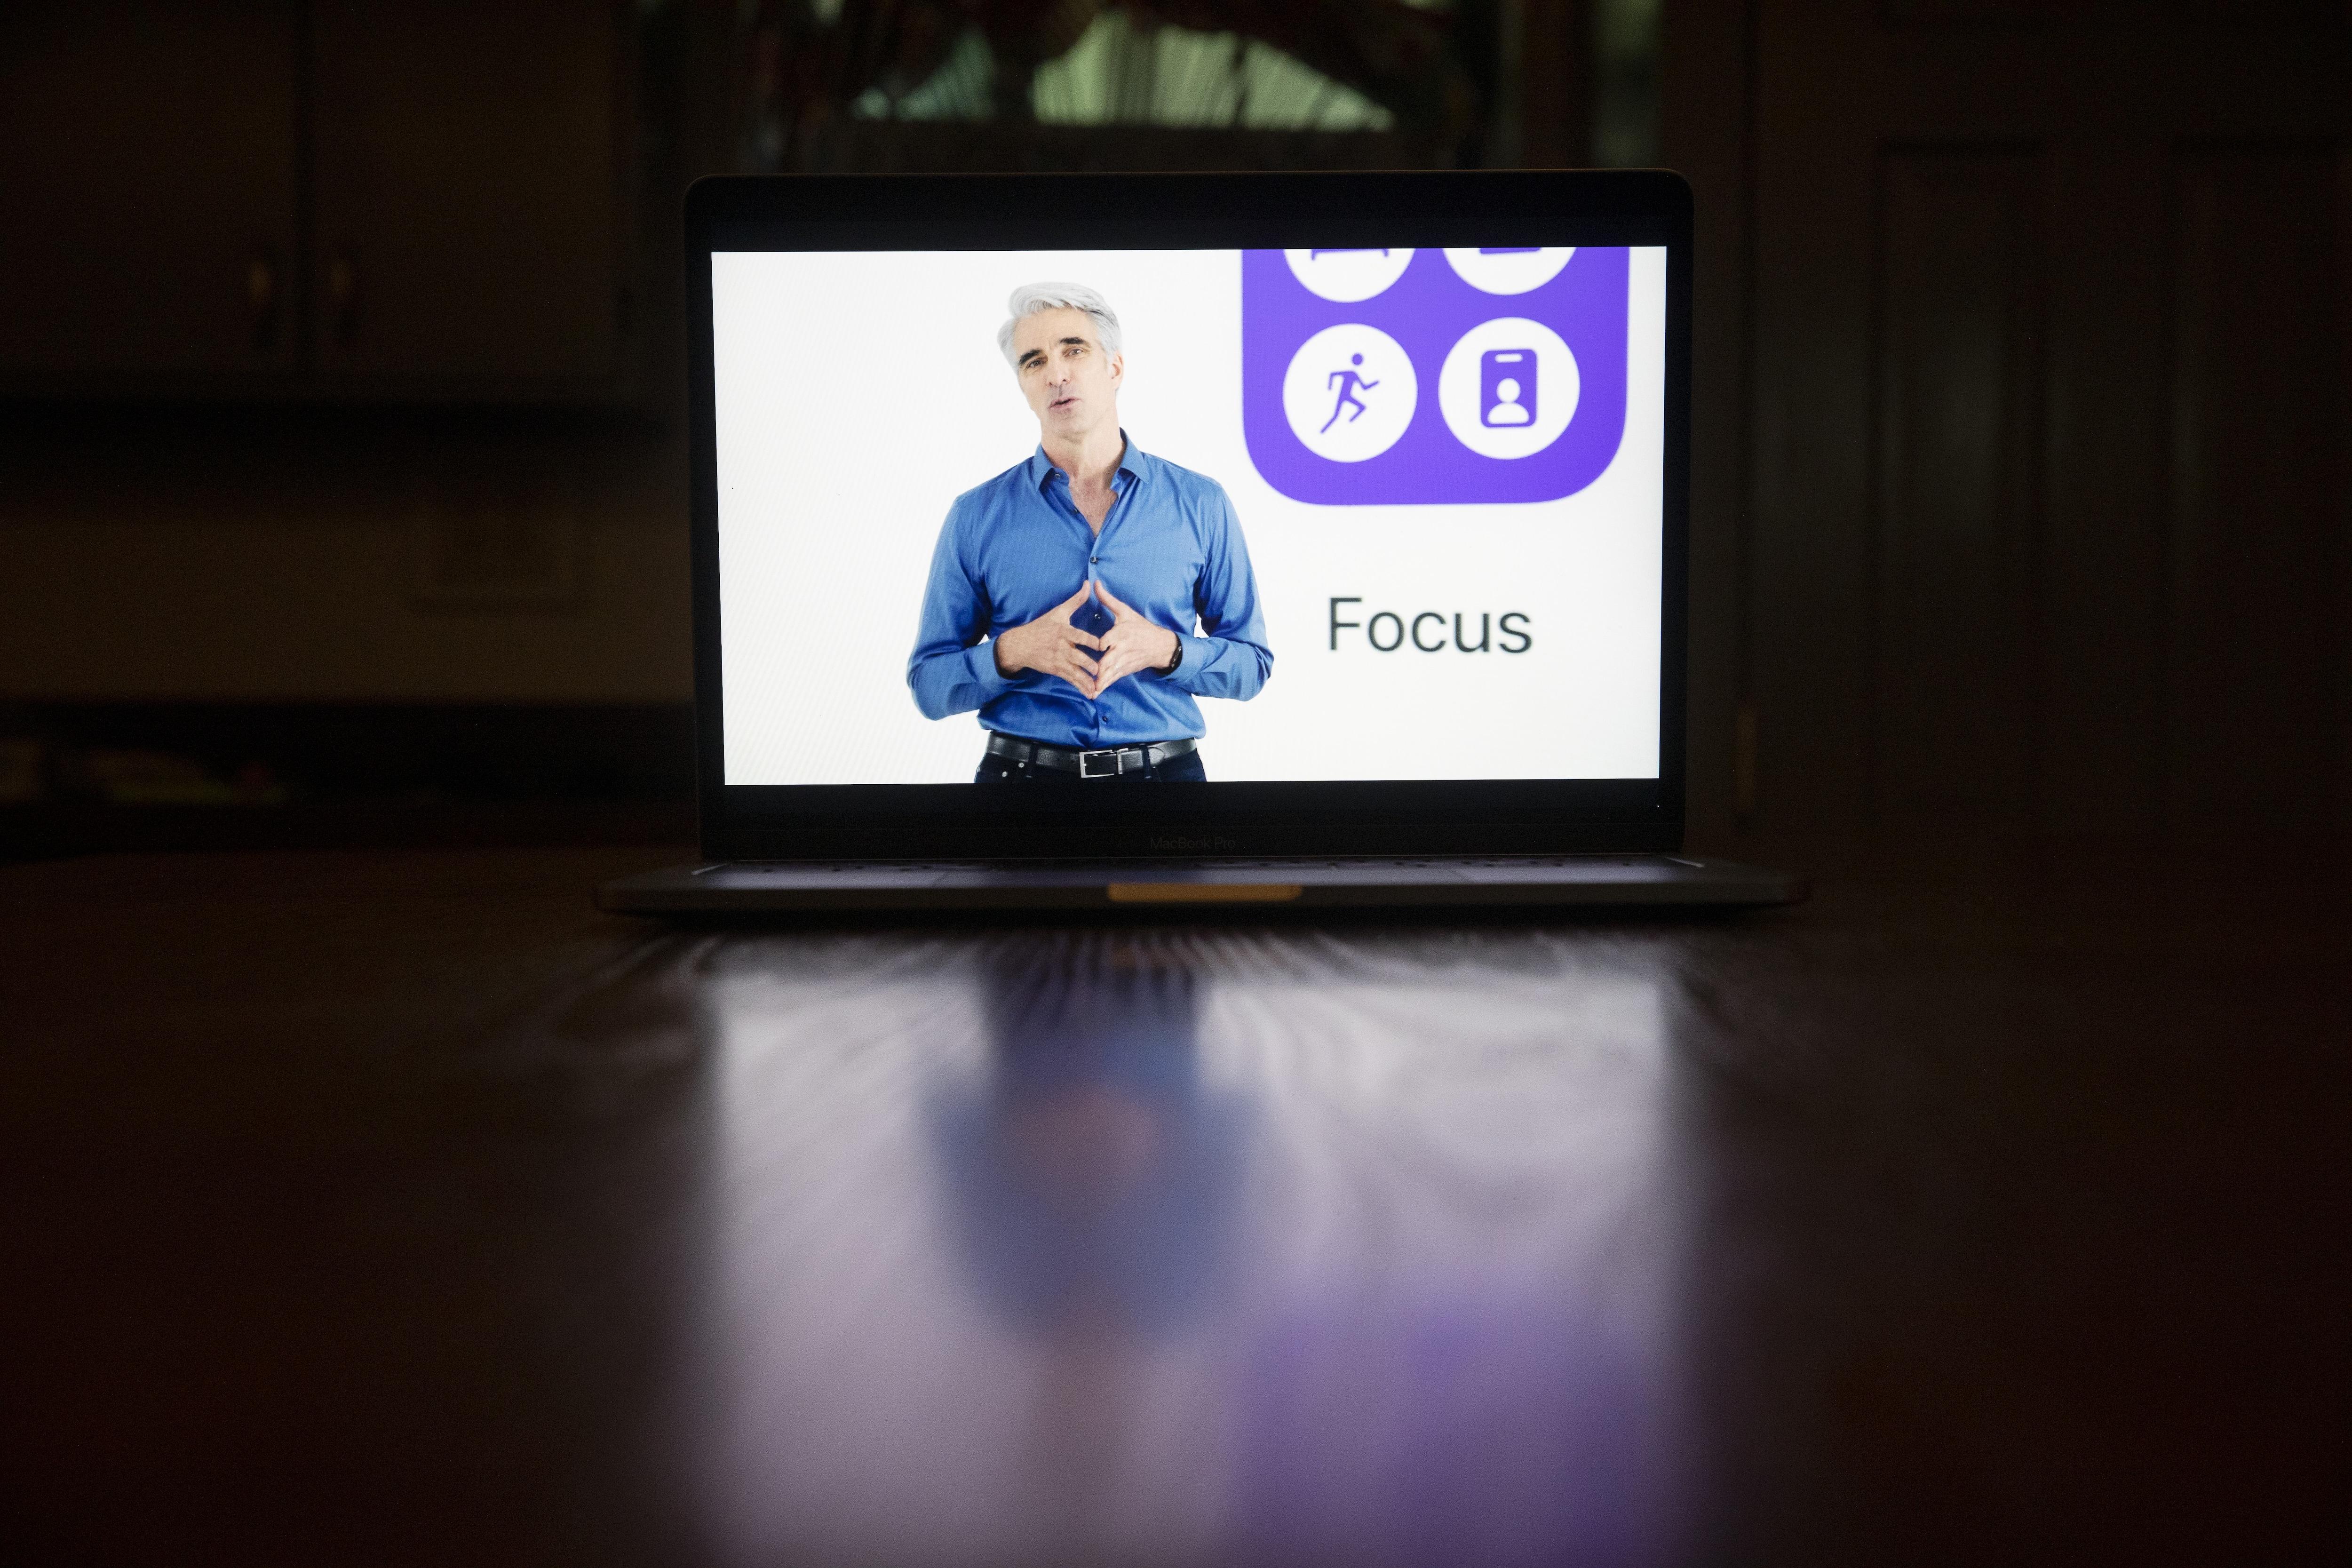 ম্যাকওএস মনিটারি (macOS Monterey) : ফোকাস মেডের (Focus mode) মতো সুবিধা আছে। (ছবি সৌজন্য ব্লুমবার্গ)